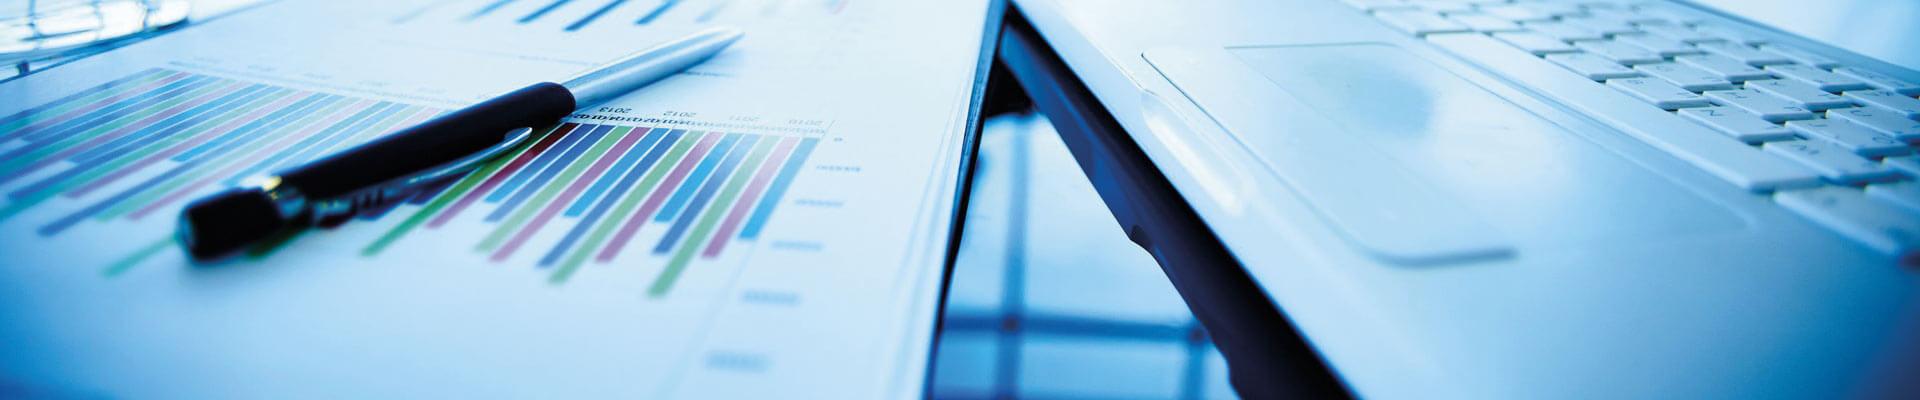 Tracking immobiliare aste giudiziarie